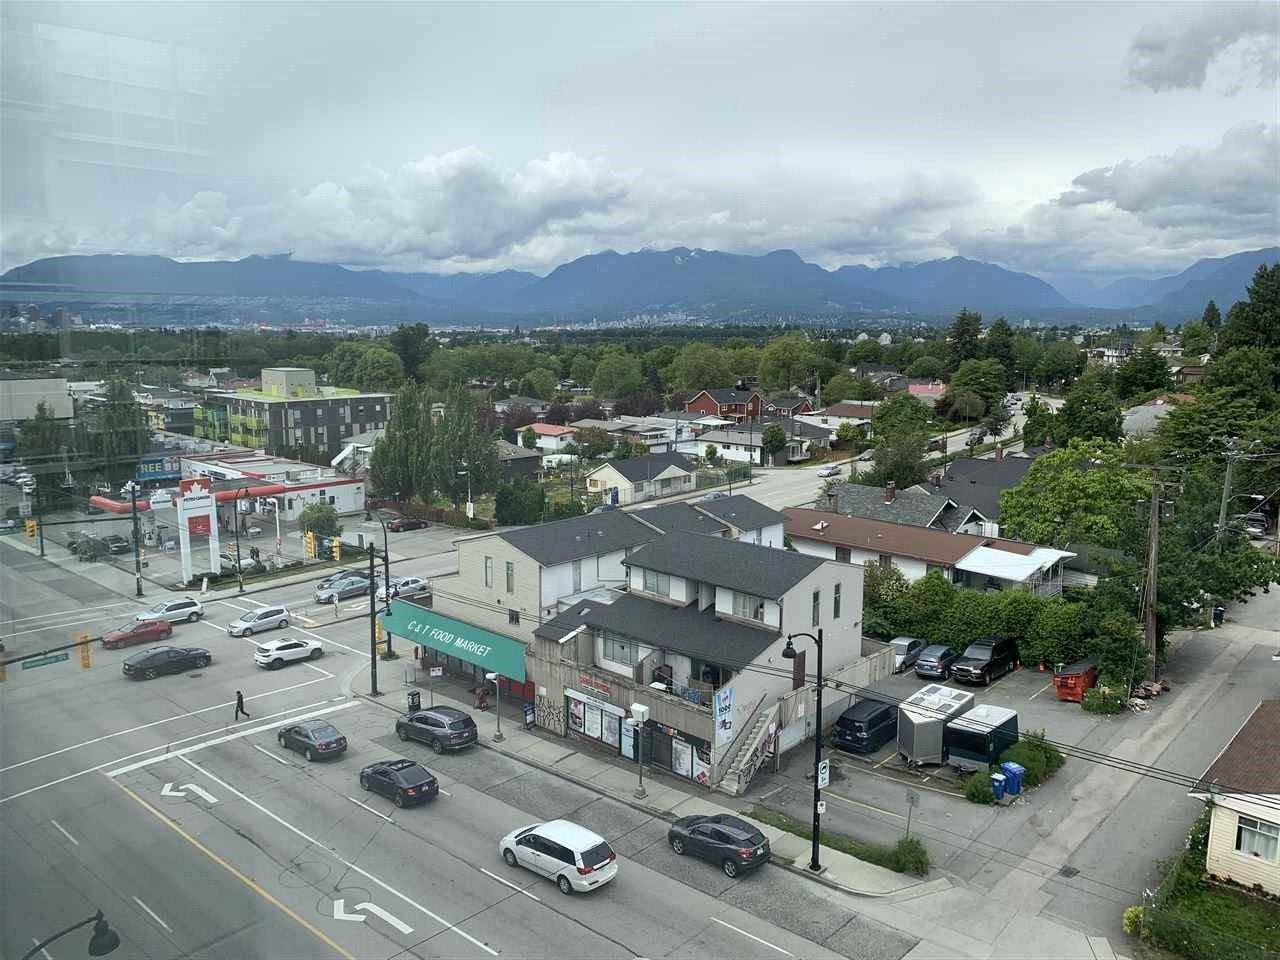 Main Photo: 707 4818 ELDORADO Mews in Vancouver: Collingwood VE Condo for sale (Vancouver East)  : MLS®# R2466803